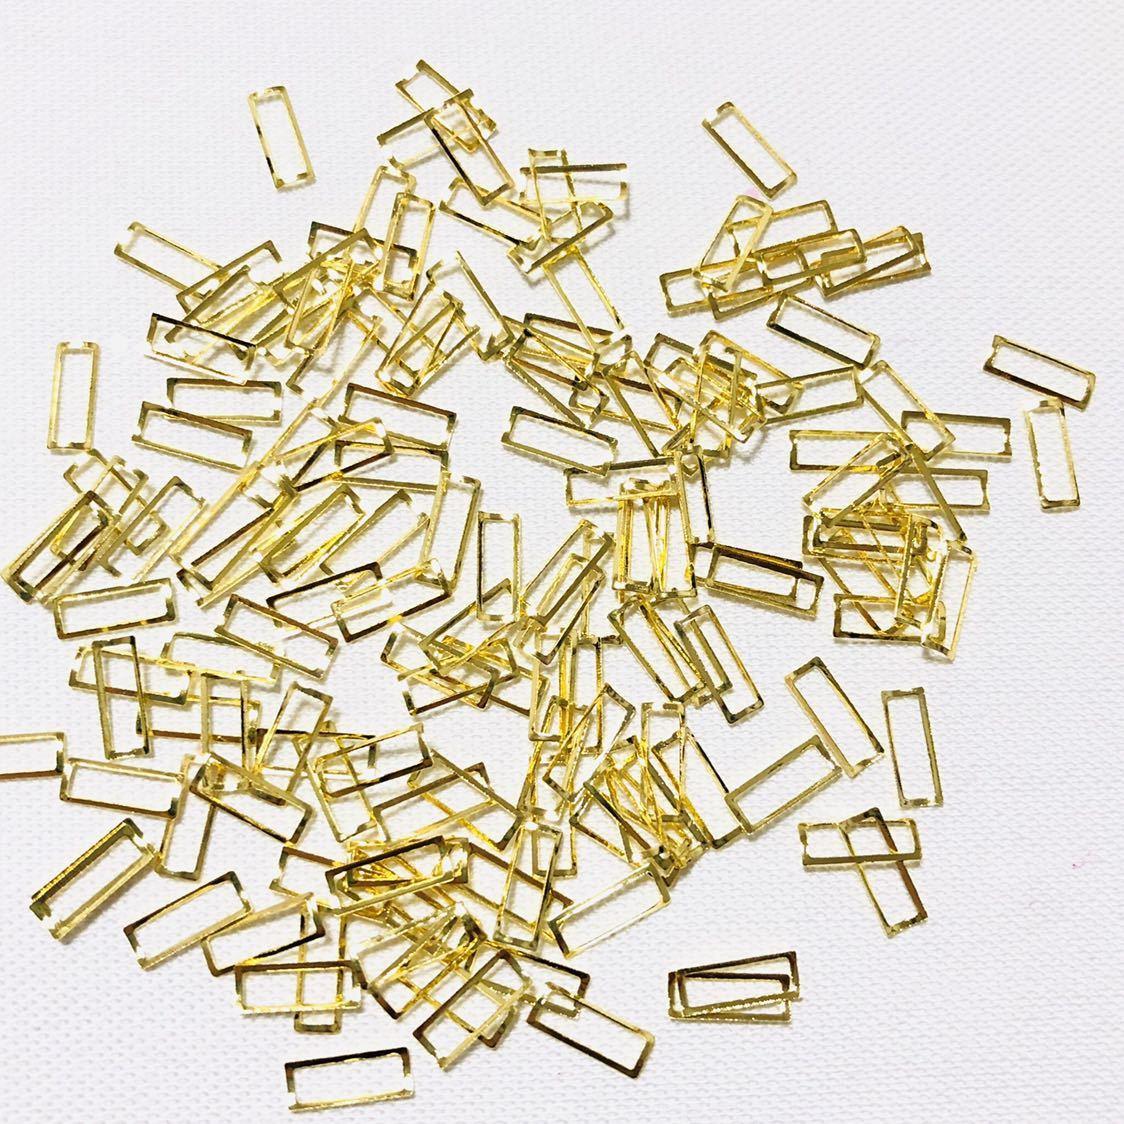 【送料込み】メタルネイルパーツ 3×8mm約200個セット【新品未使用】ネイルアート 中抜きロングスクエアスタッズ 長方形 ゴールド